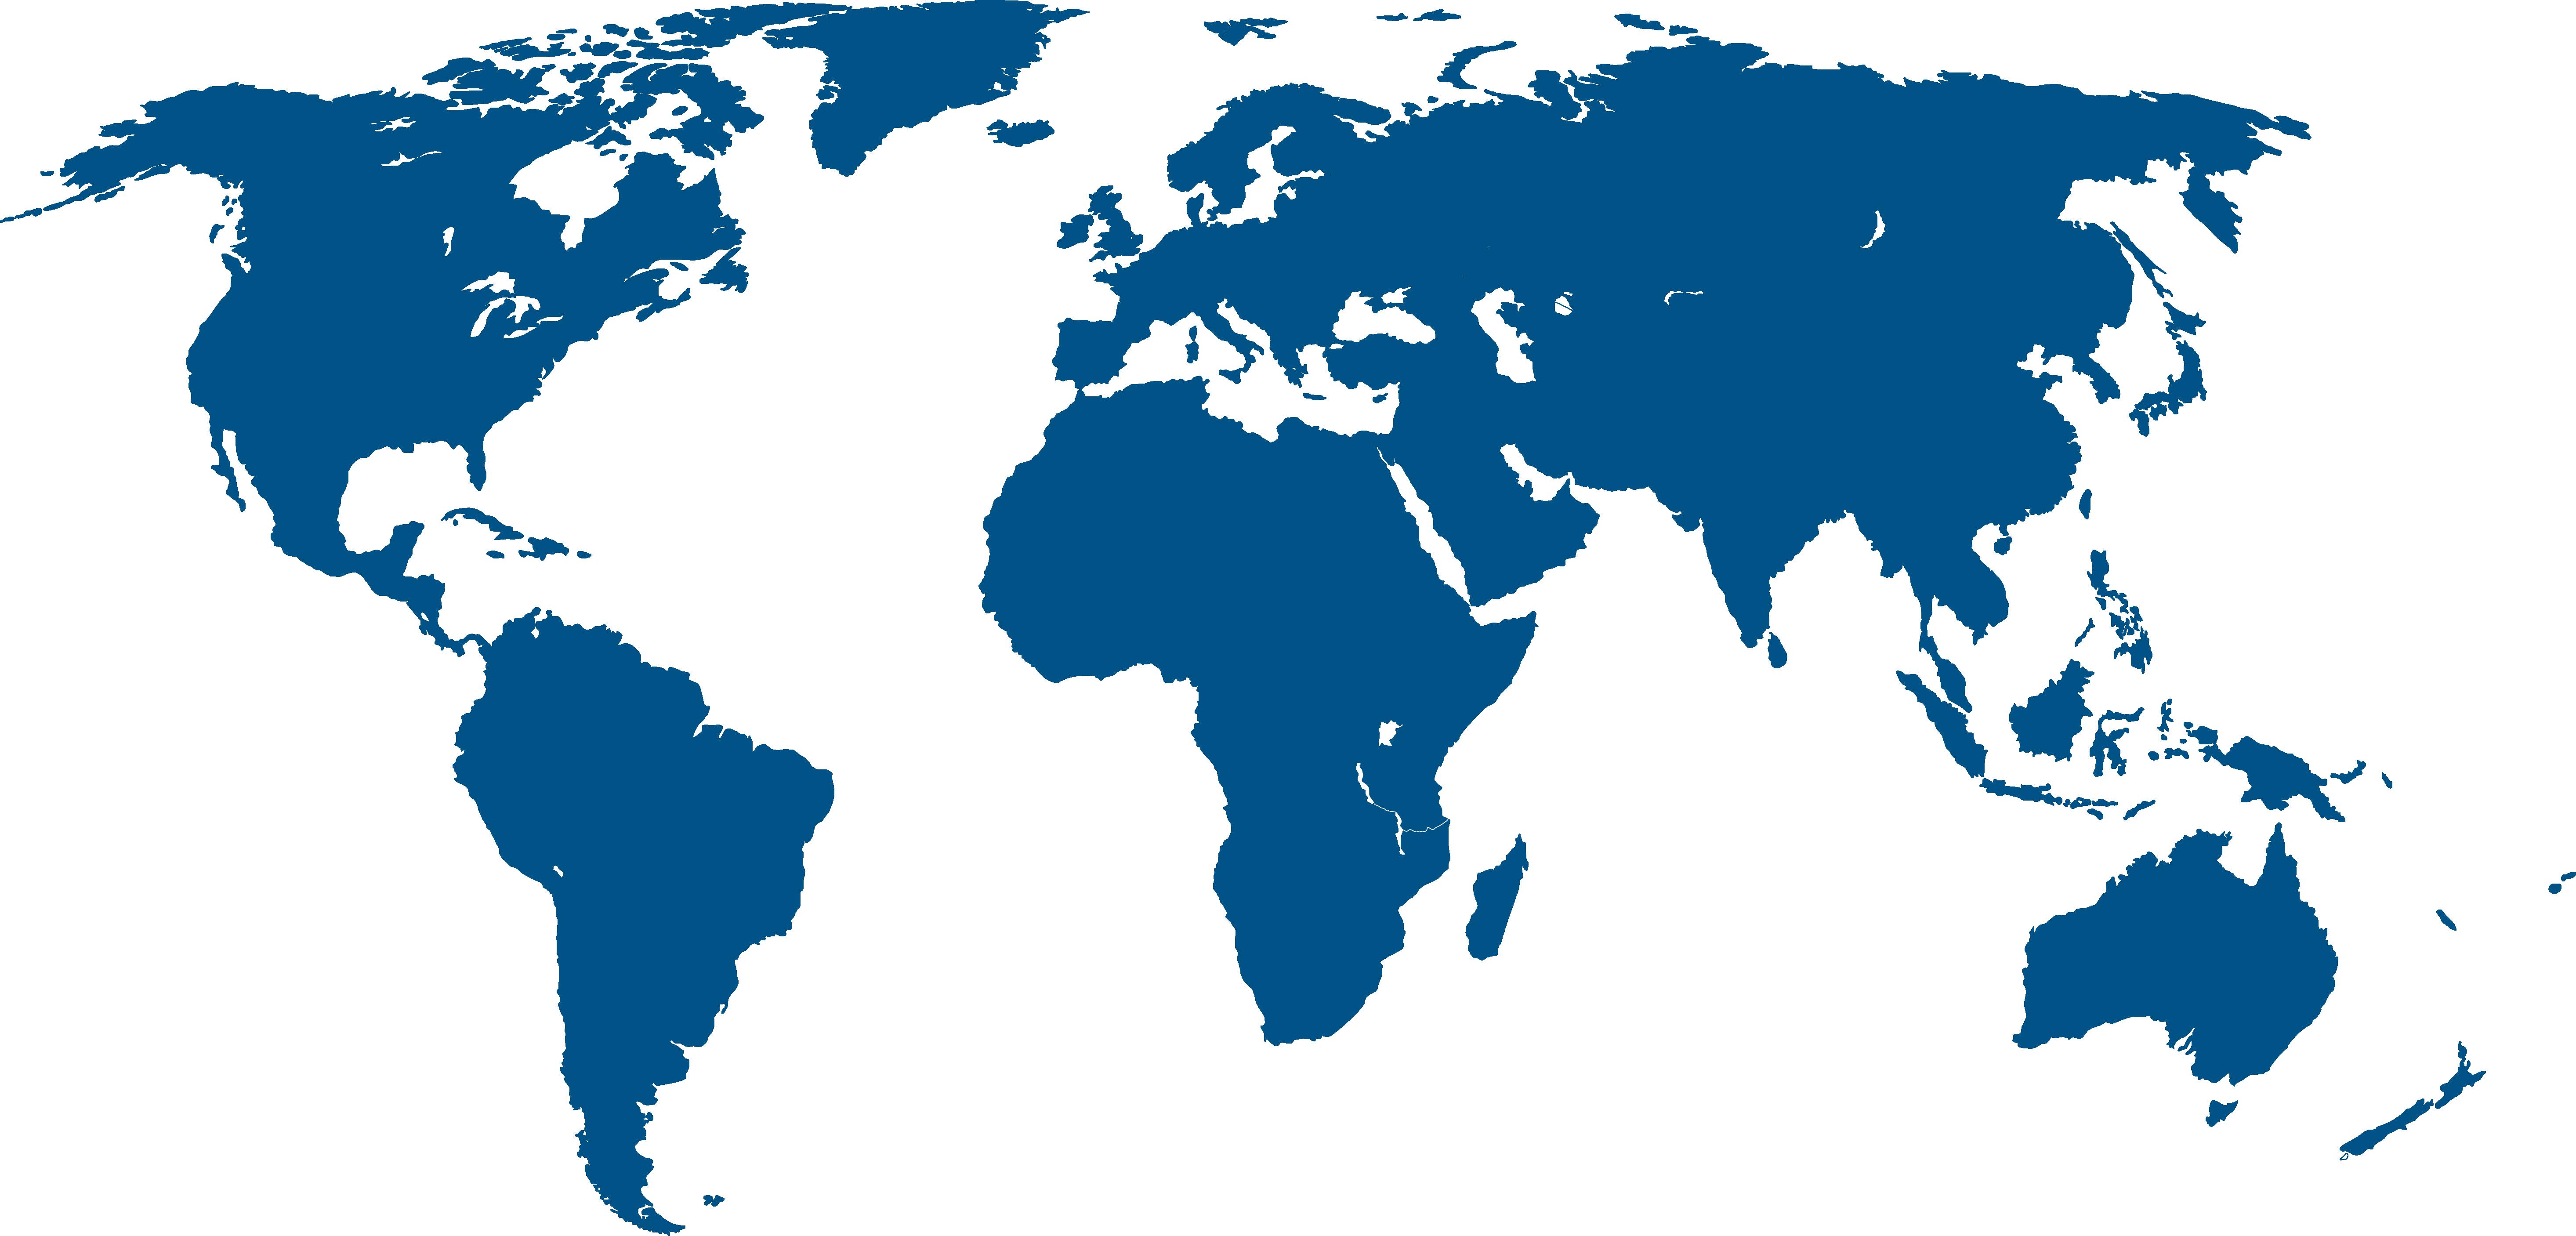 World Map for Anguilla Jurisdiction Comparison